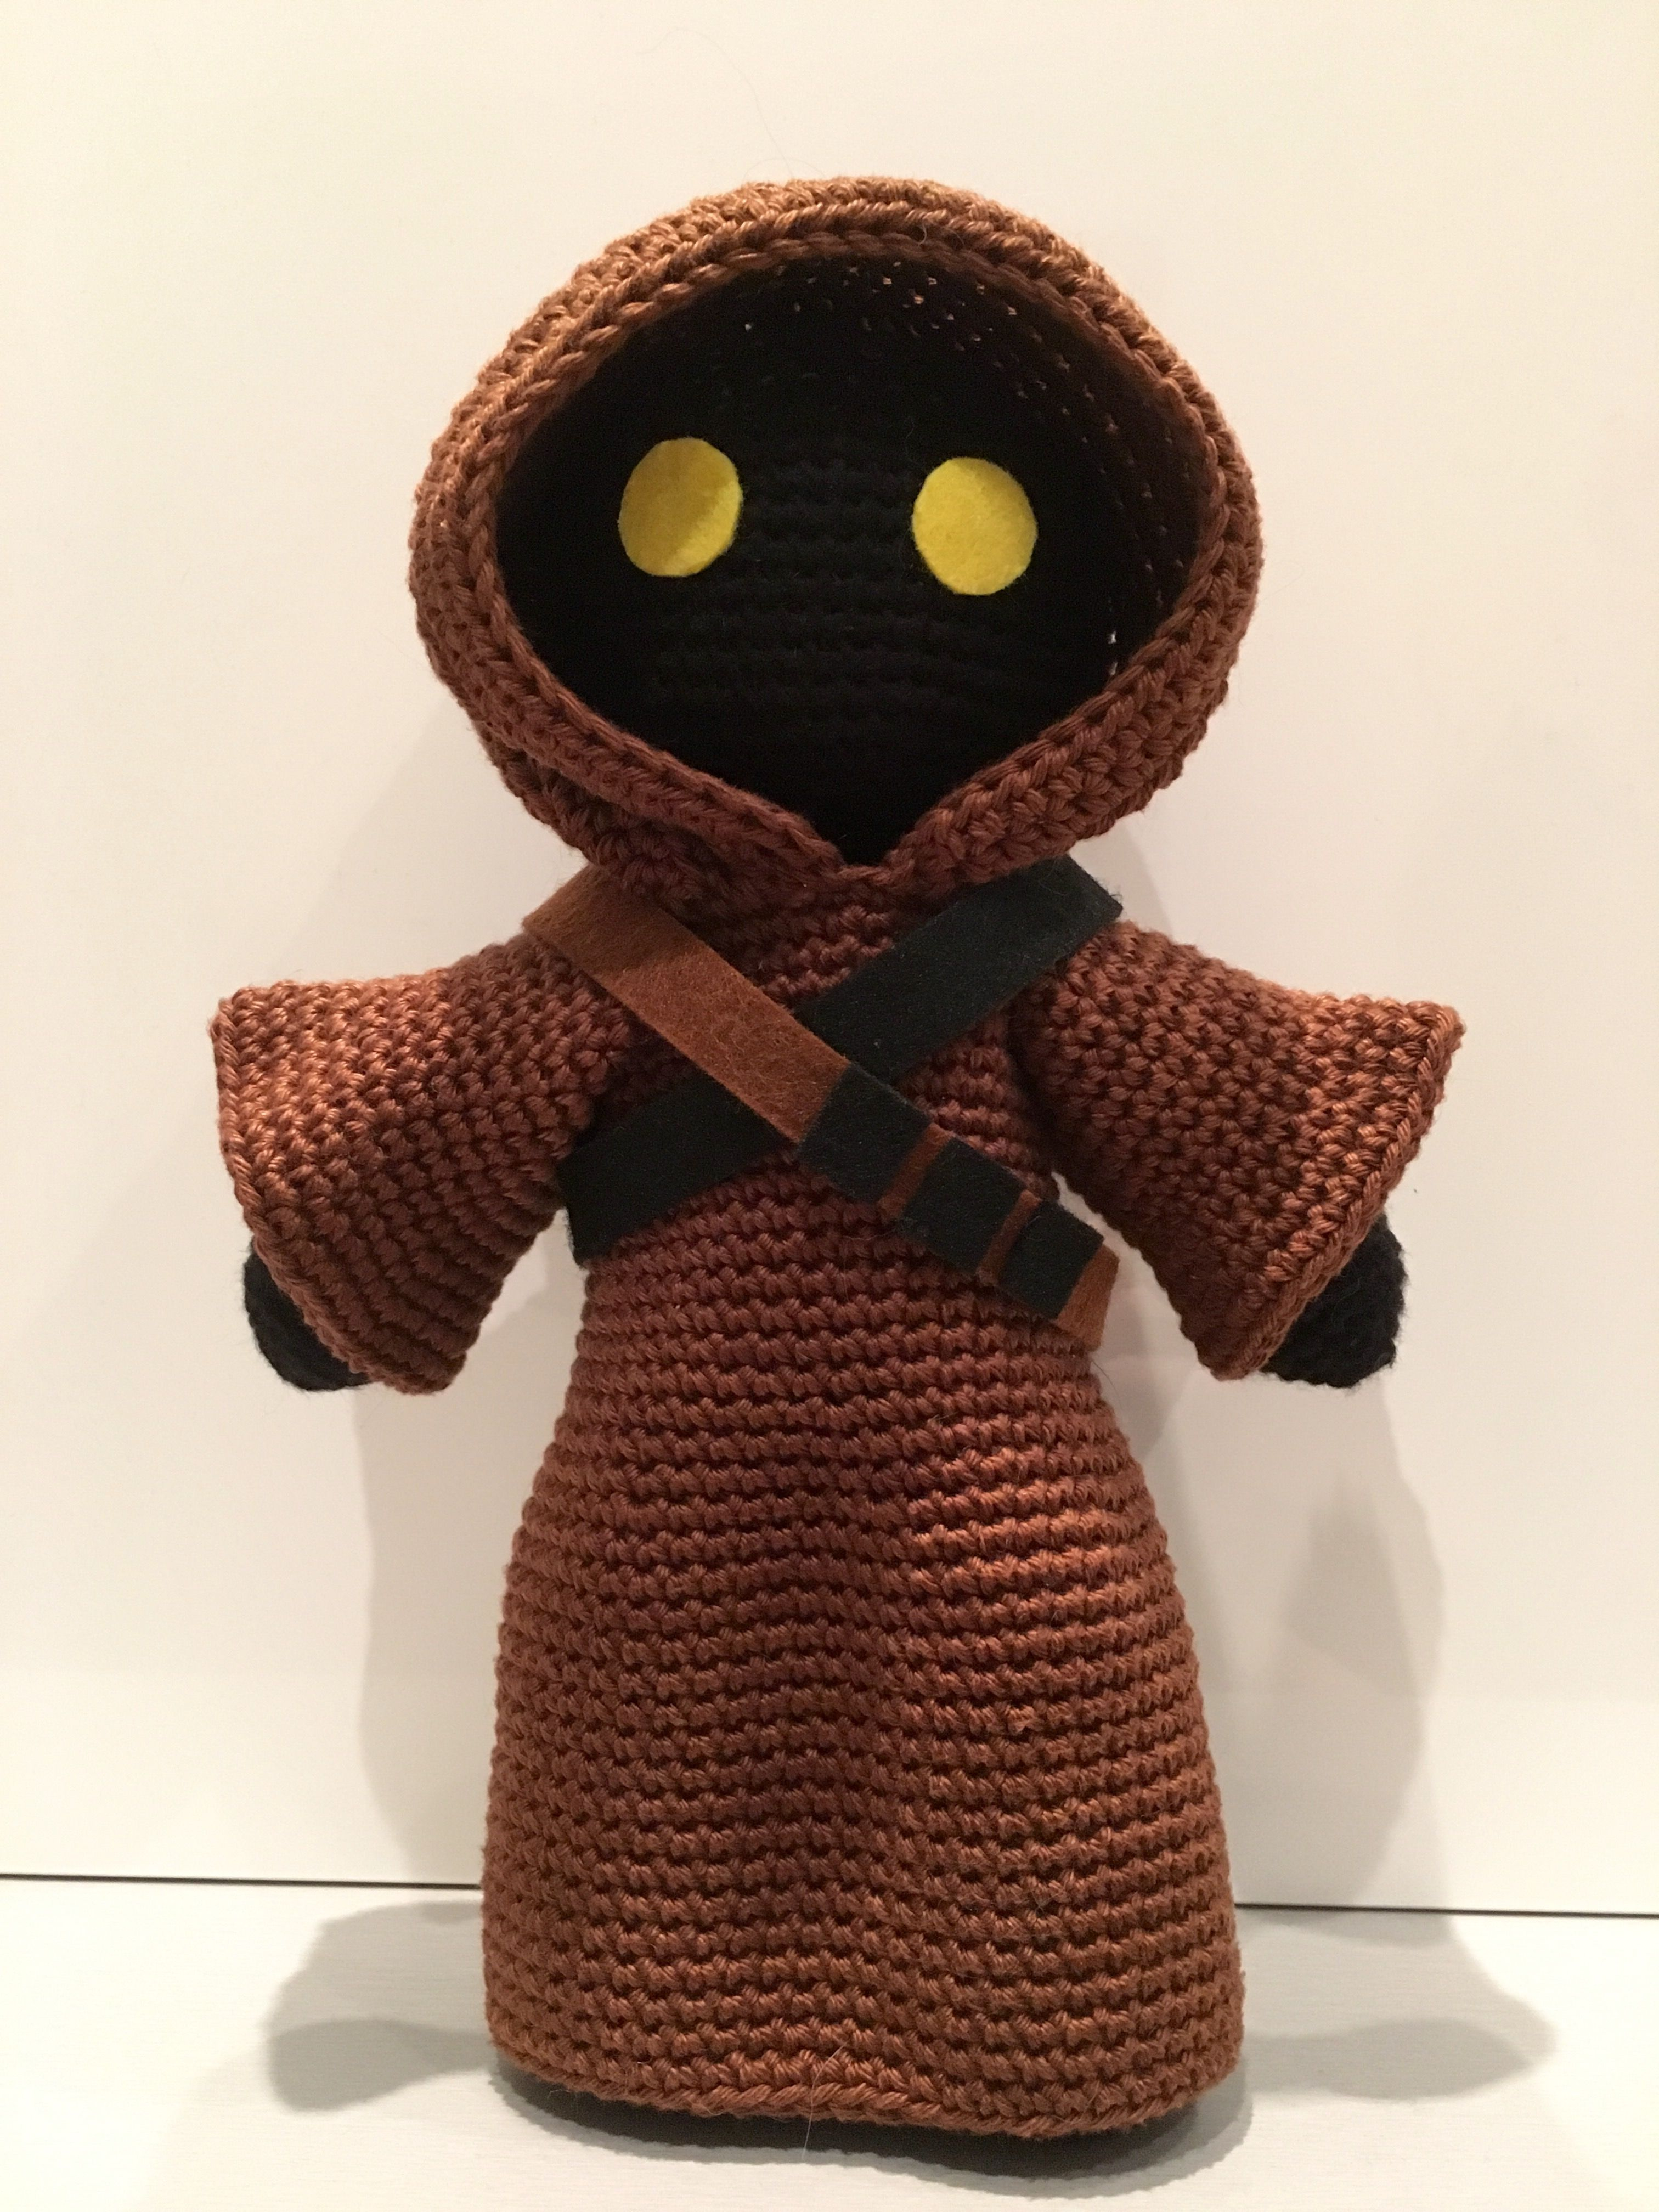 Jawa Star Wars La Fée Crochette Grátis Francês Free Pattern